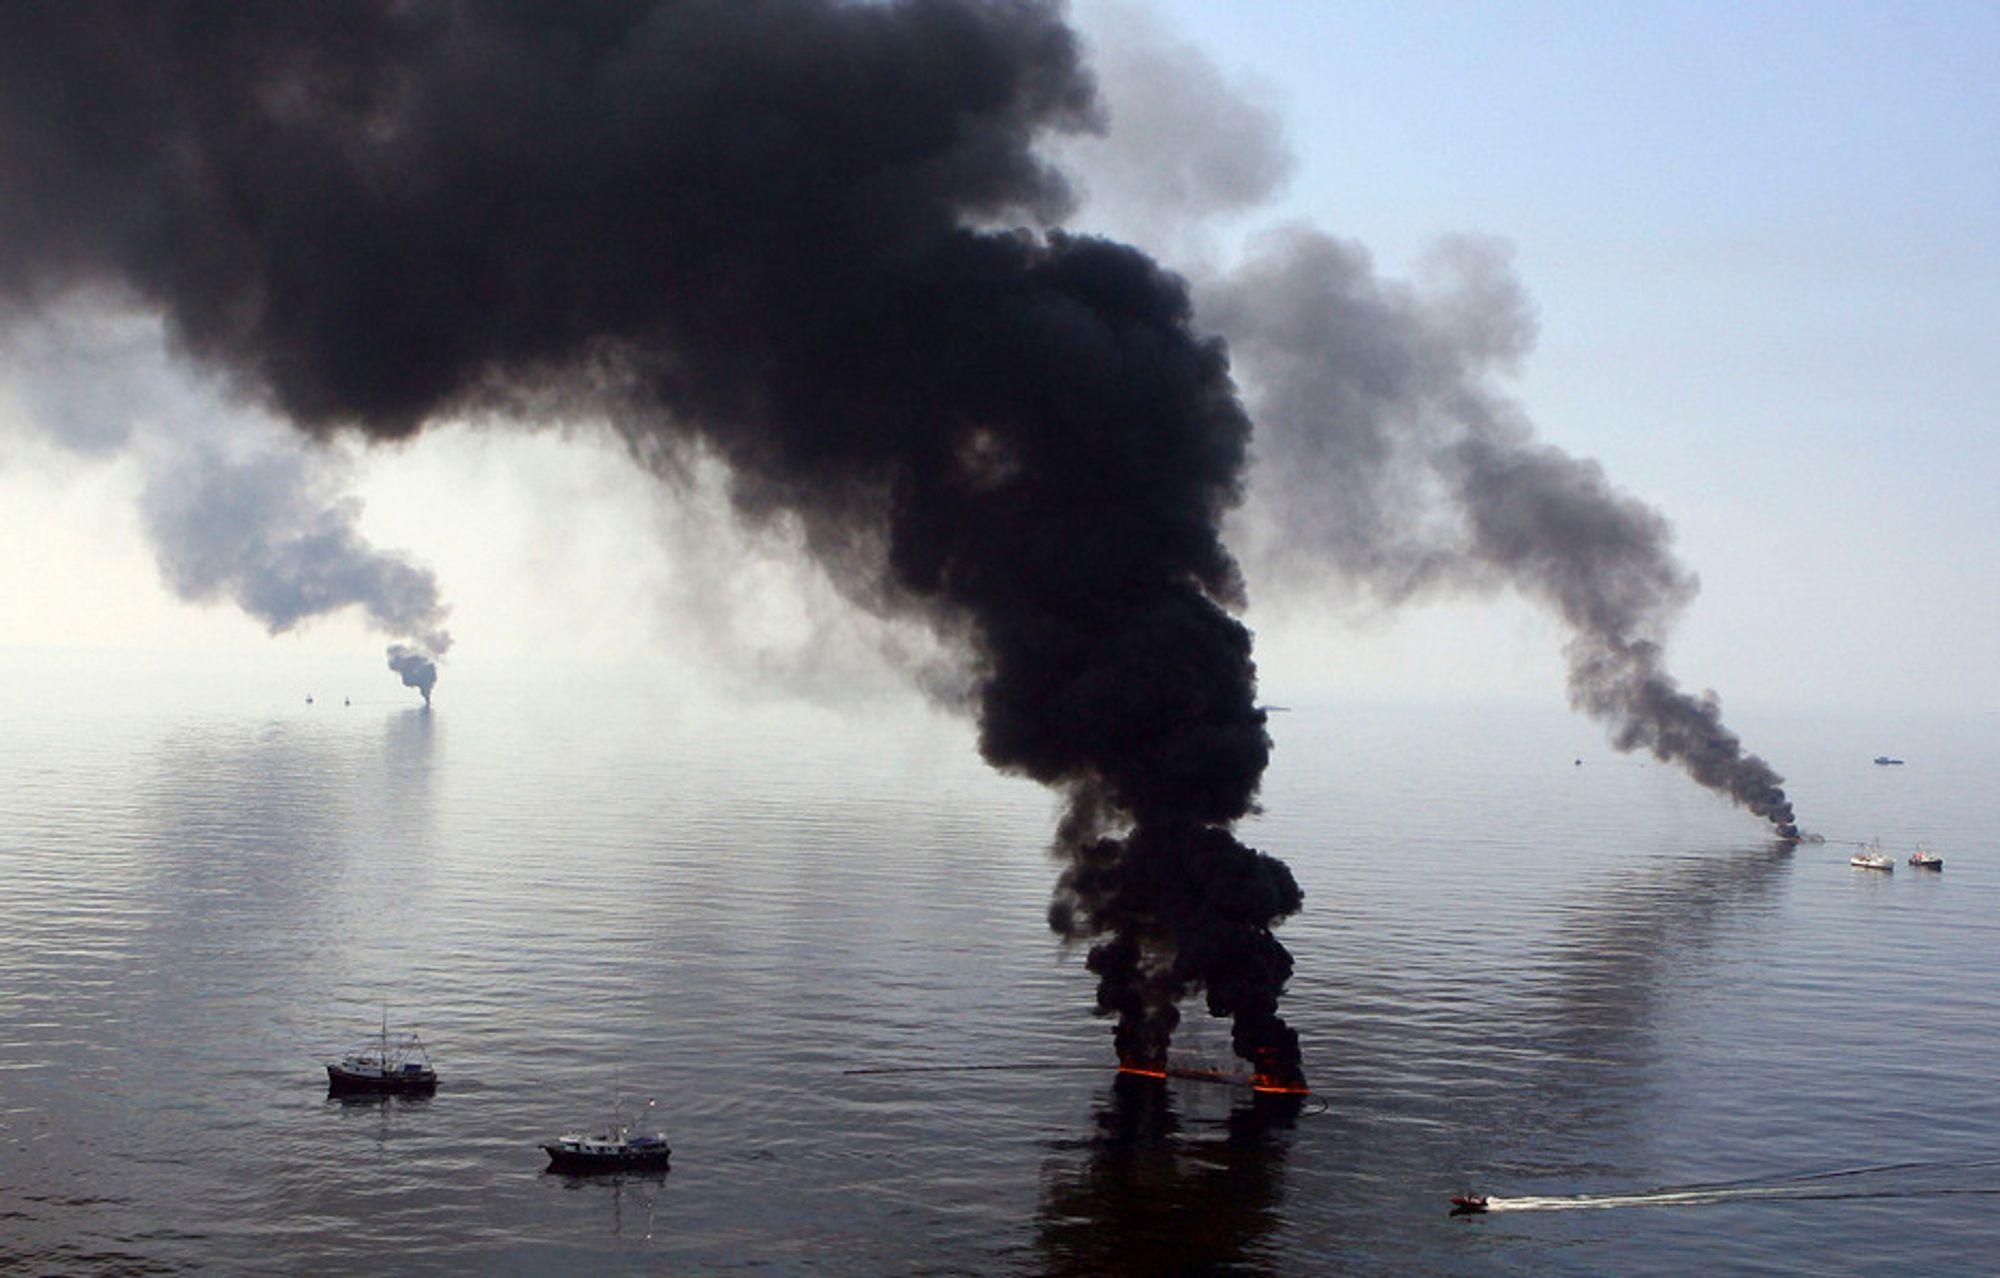 IKKE PLOMBERT: Mens forskerne beregner oljeutslippet til å være historiens største, utsetter BP plomberingen av brønnen som har forårsaket utslippet.